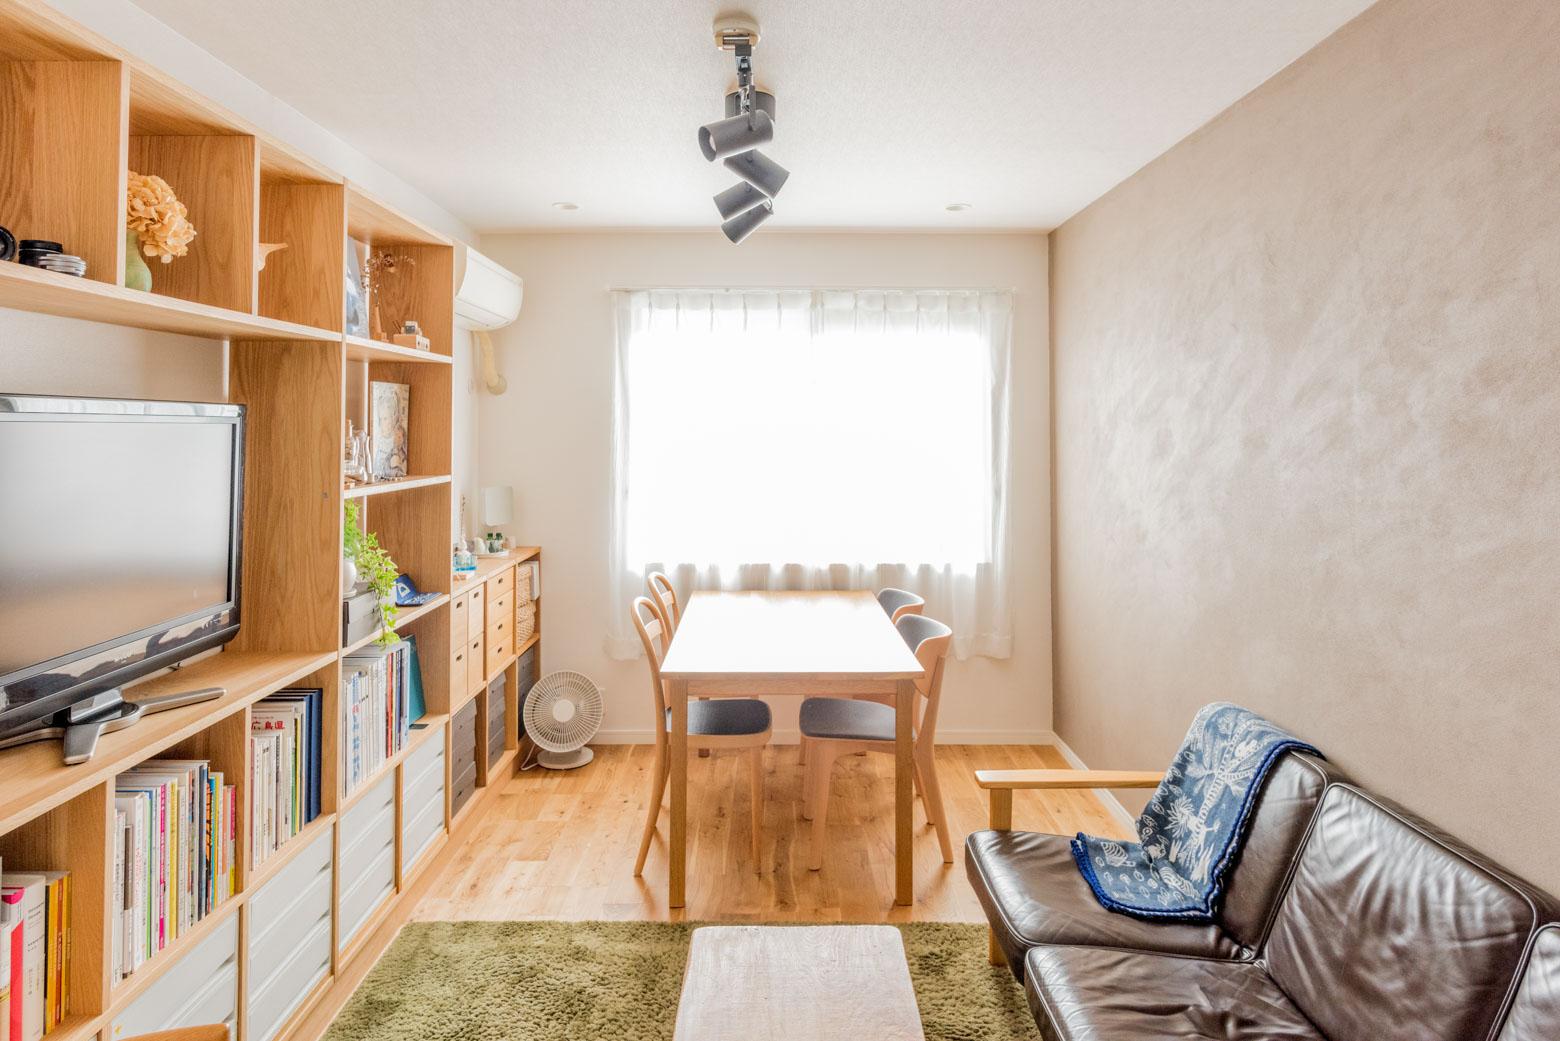 明るくてとても居心地のいい部屋。ぼくもここに住みたい!